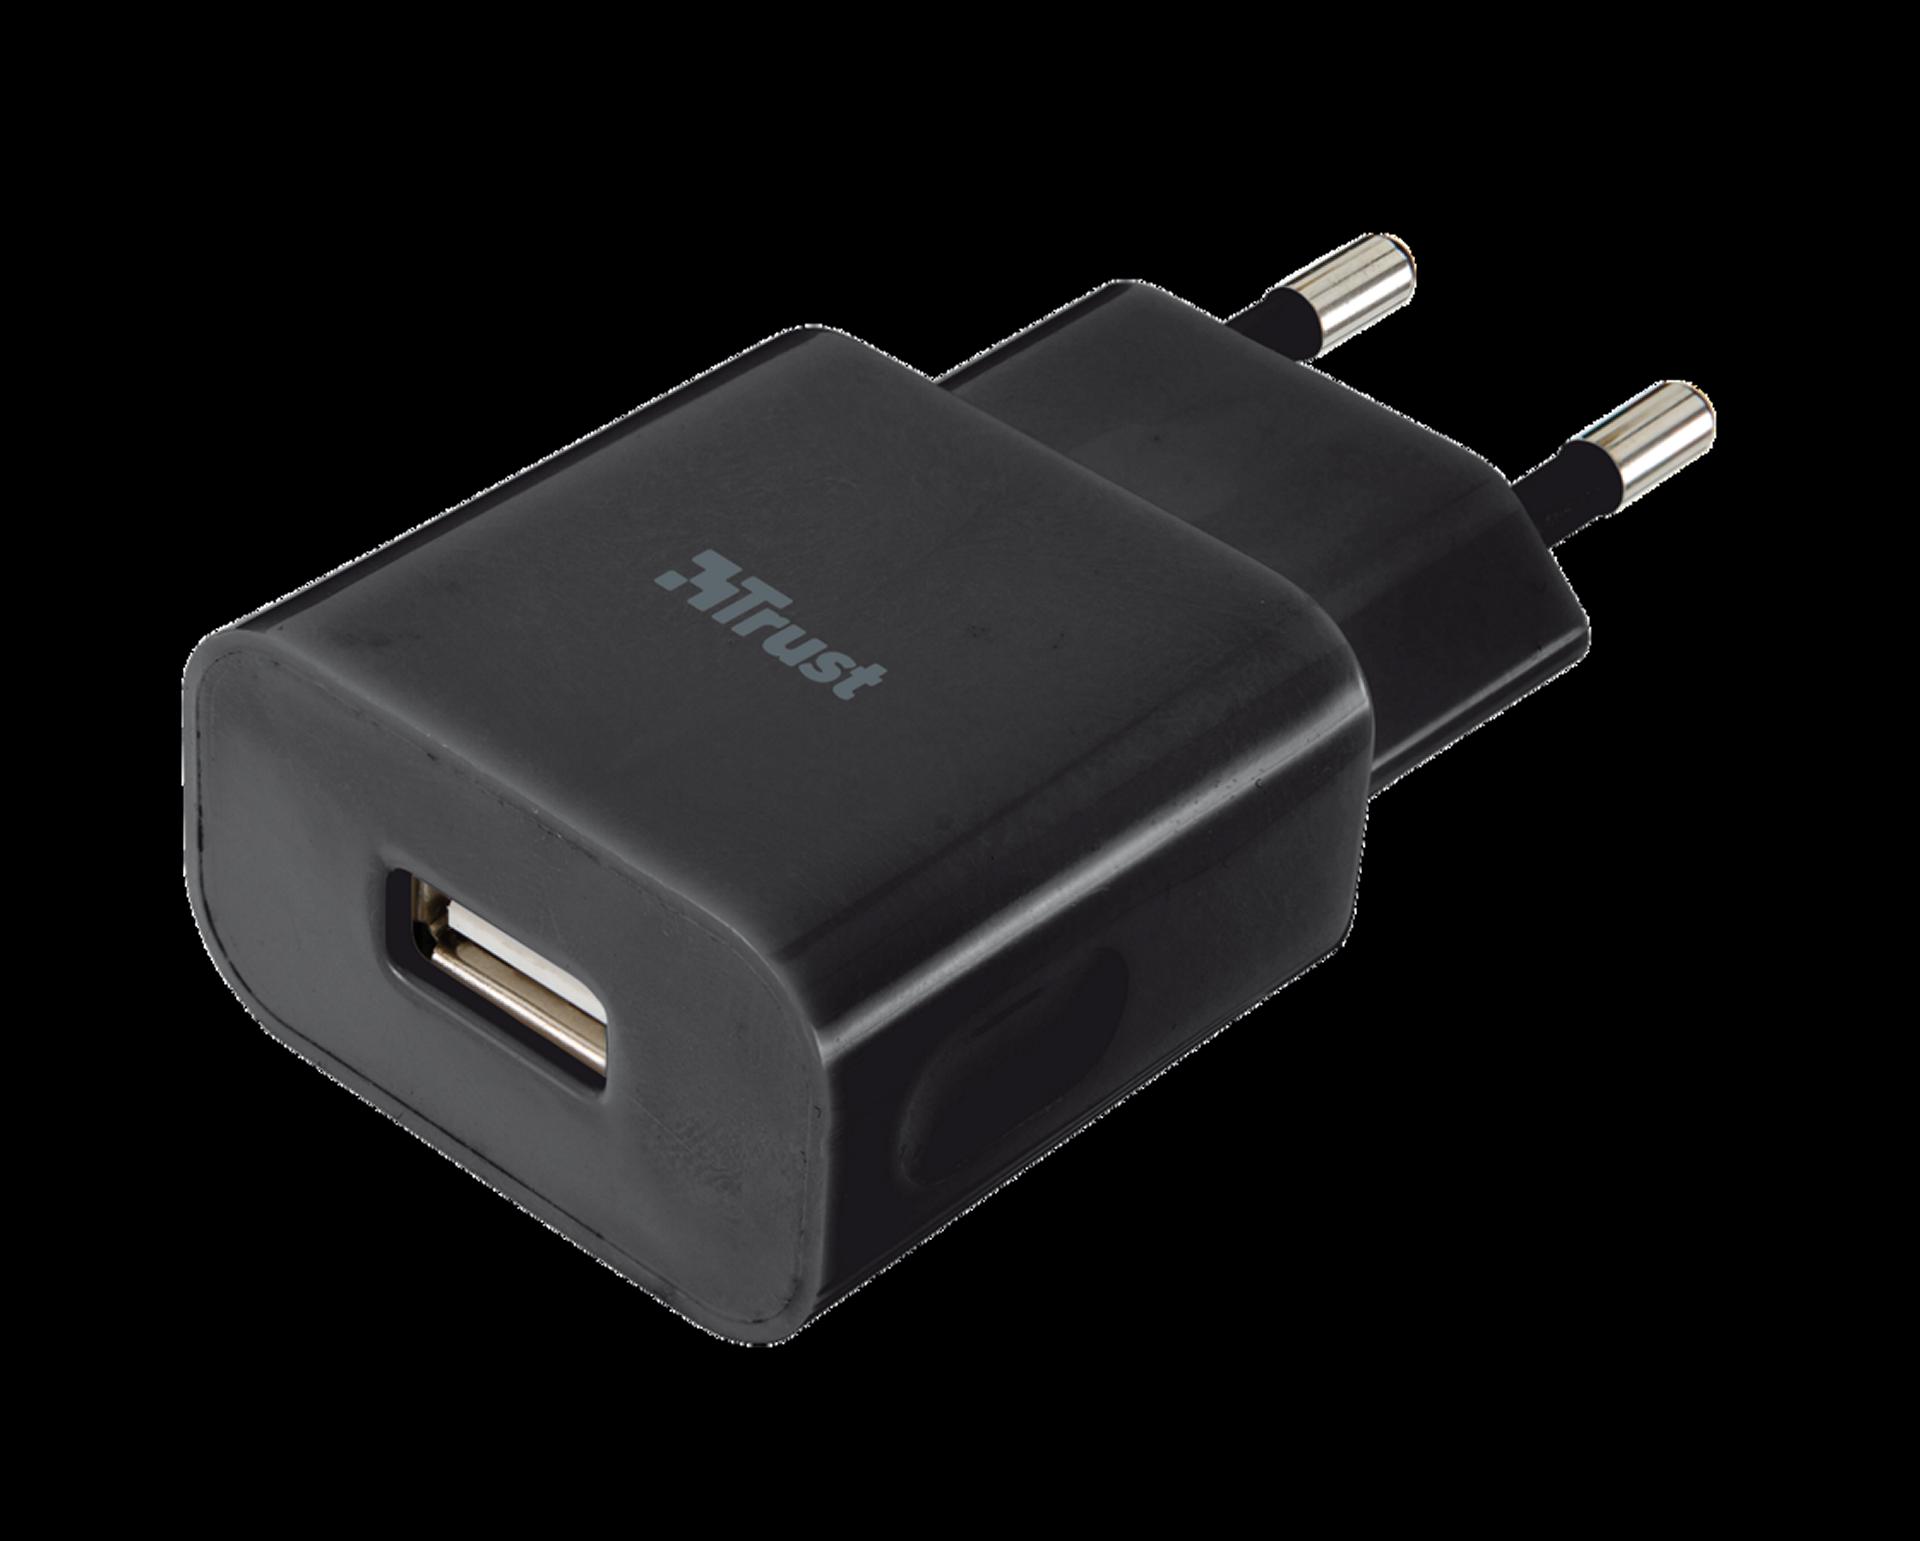 univerzální nabíječka TRUST s USB port 5 W